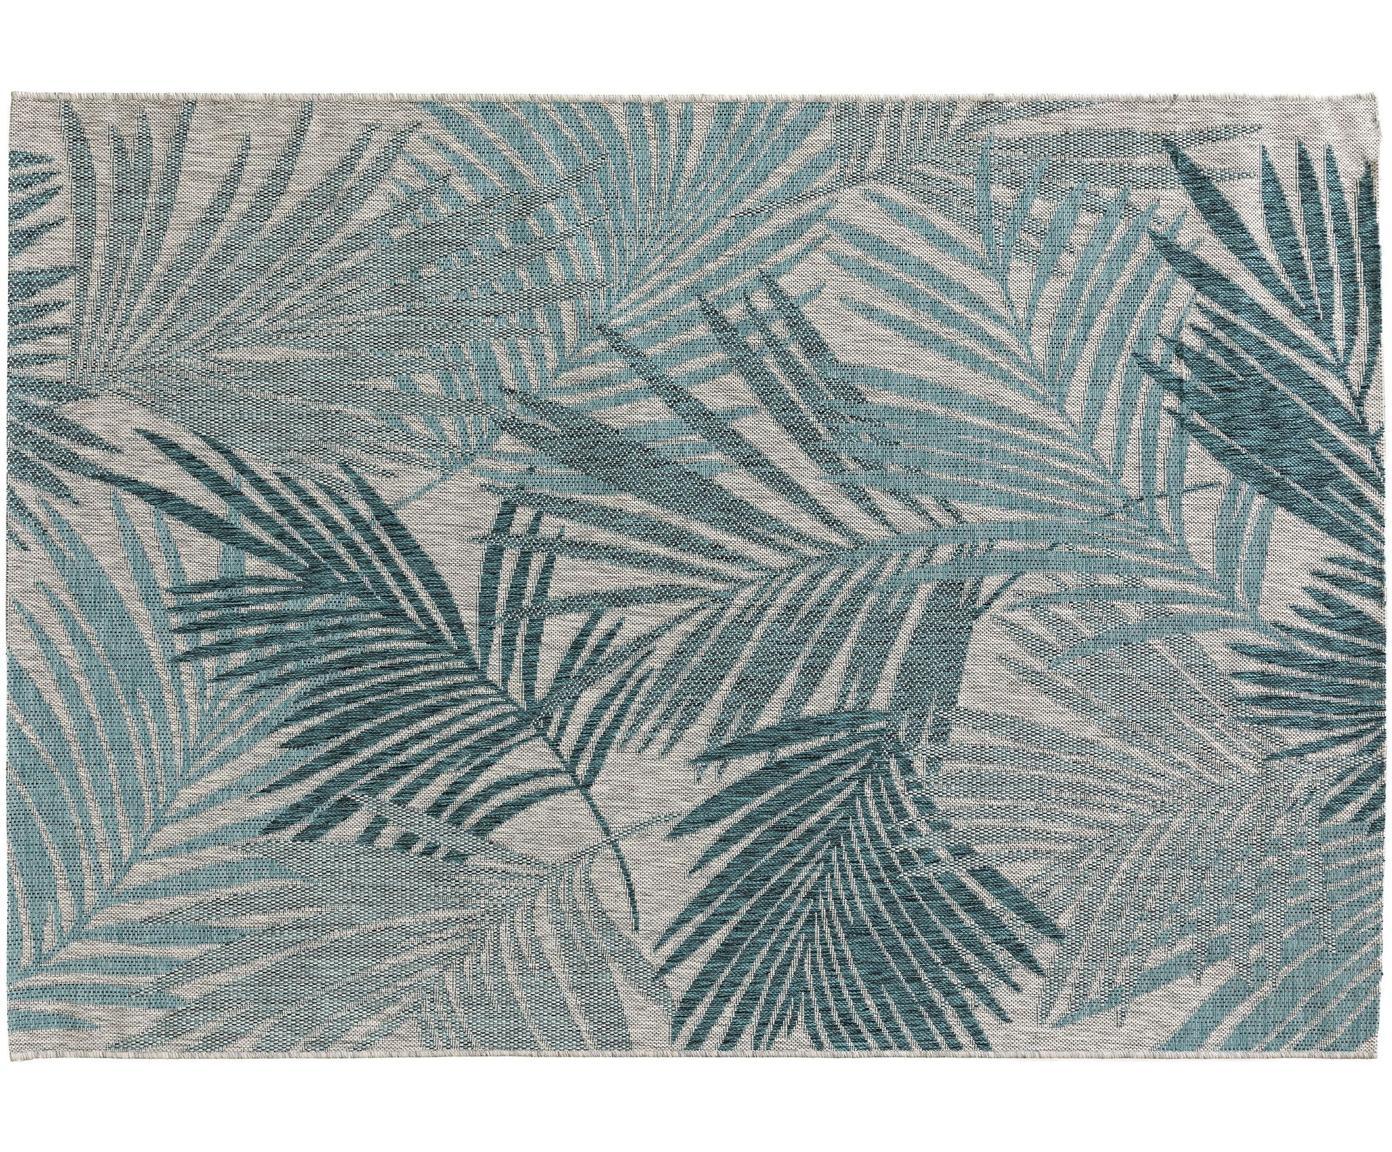 Dywan wewnętrzny/zewnętrzny Cleo, 90% polipropylen, 10% poliester, Niebieski, S 300 x D 400 cm